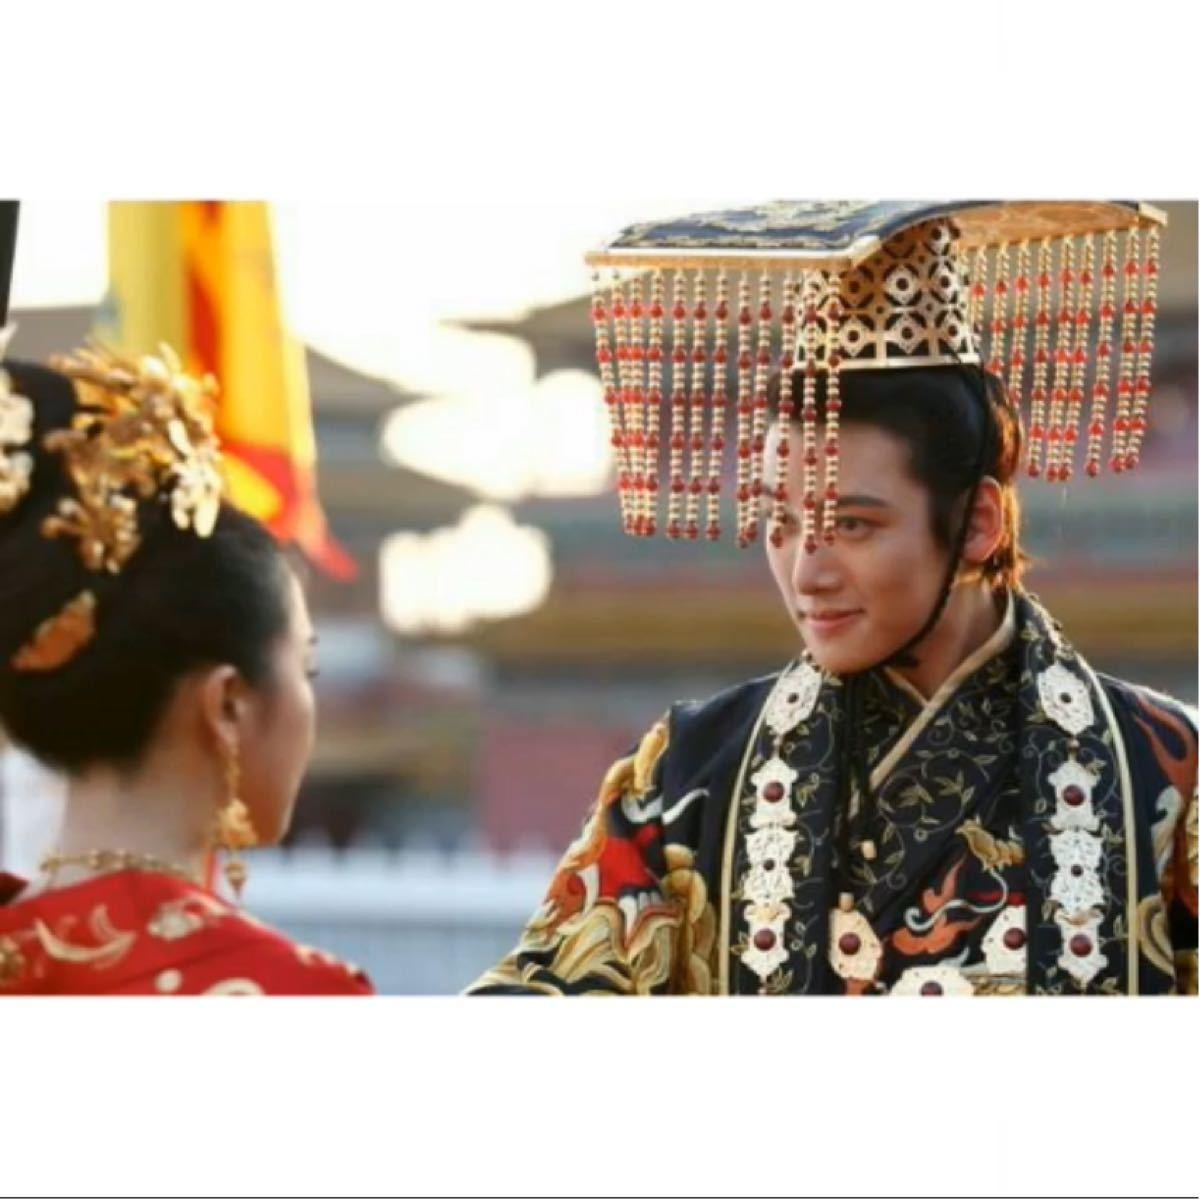 ★韓国ドラマ★『奇皇后ー二つの愛涙の誓い』 Blu-ray  日本語吹替アリ  全話 CDケース入